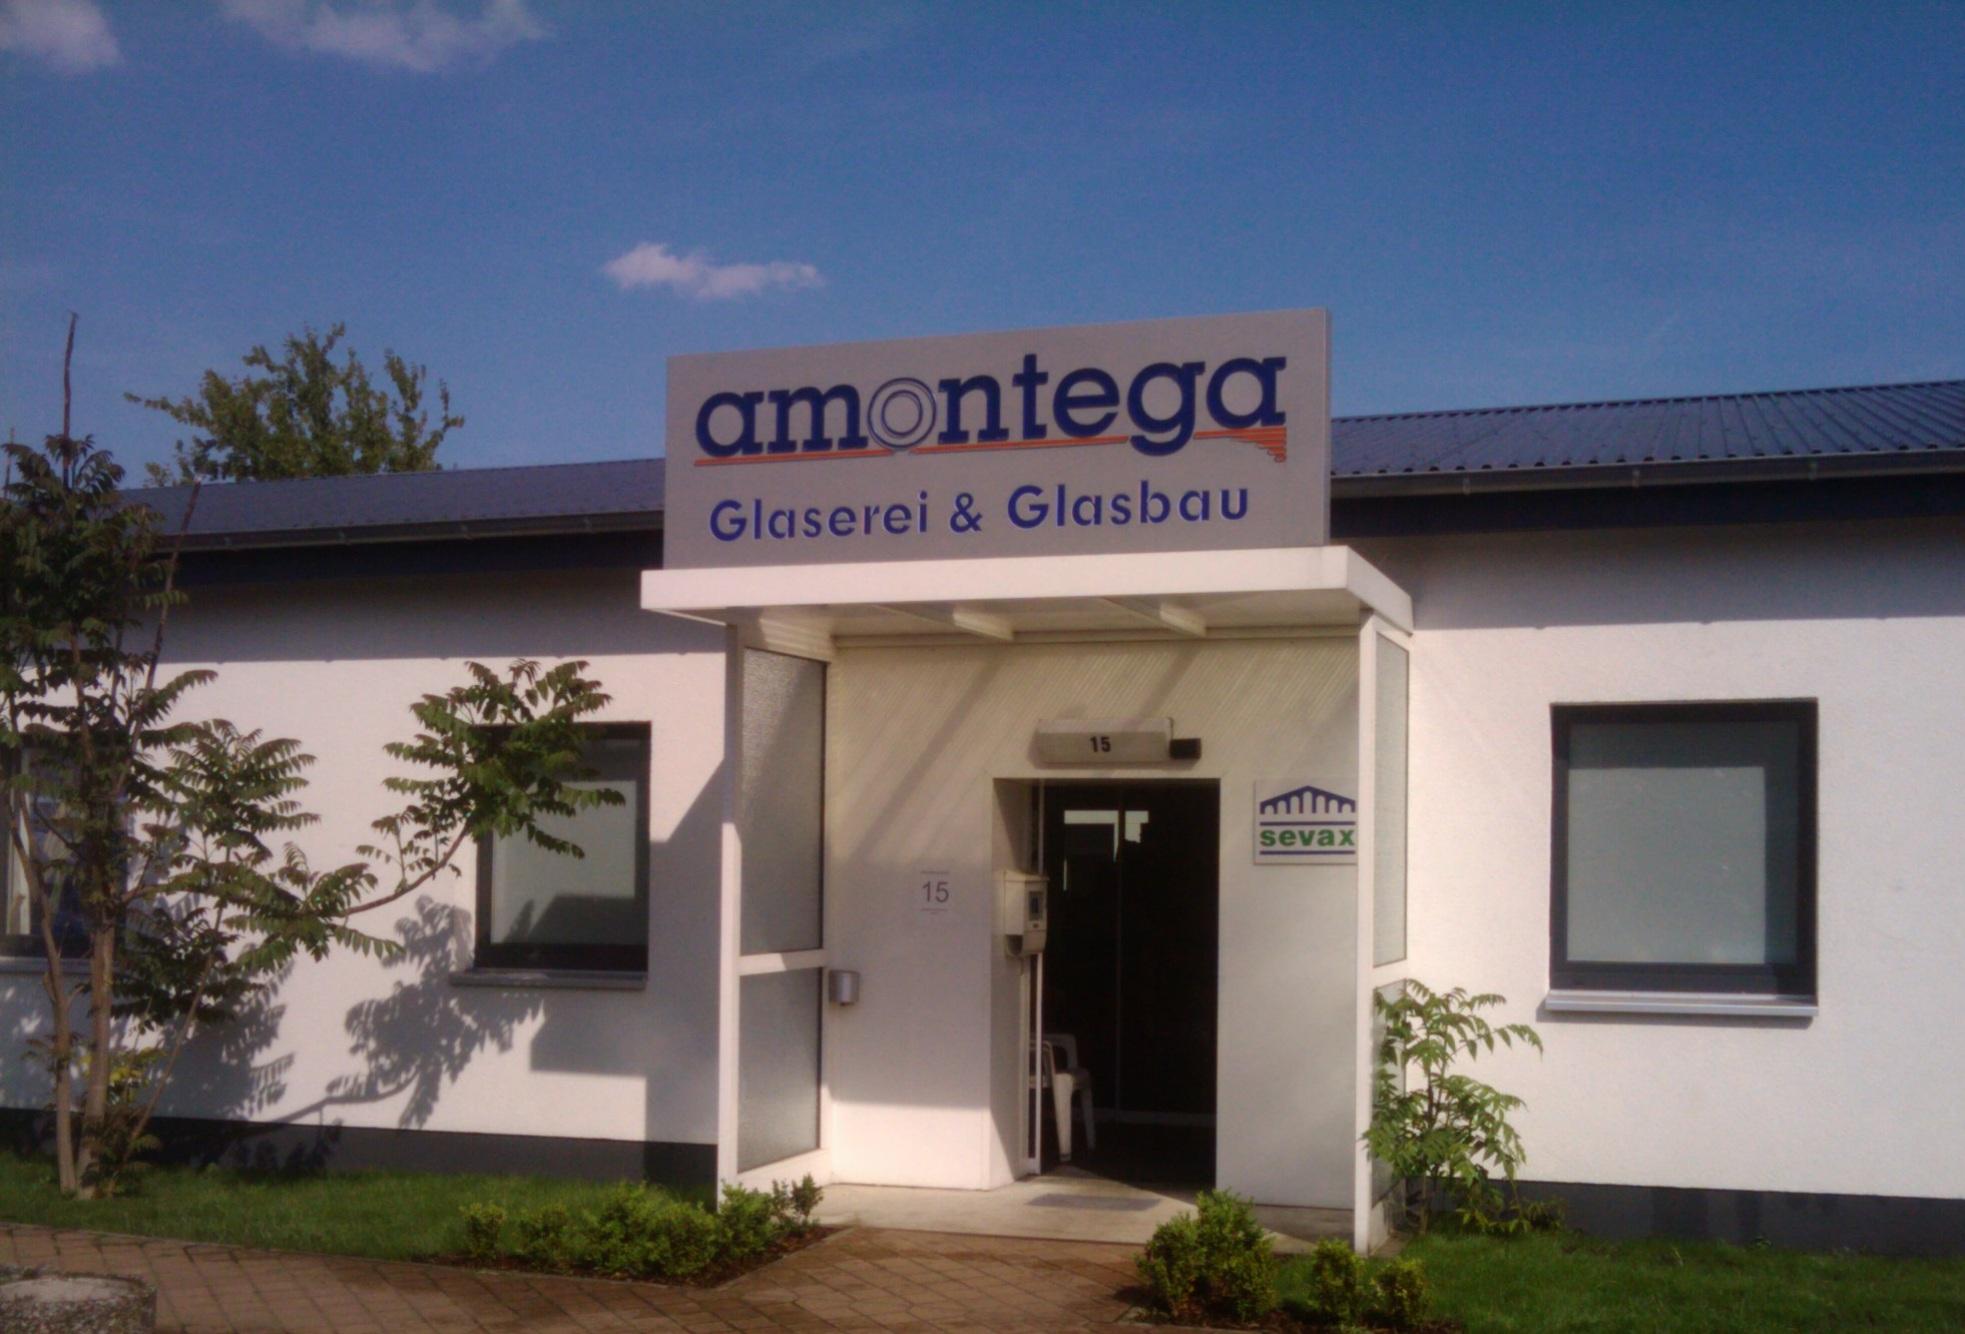 (c) Amontega.de